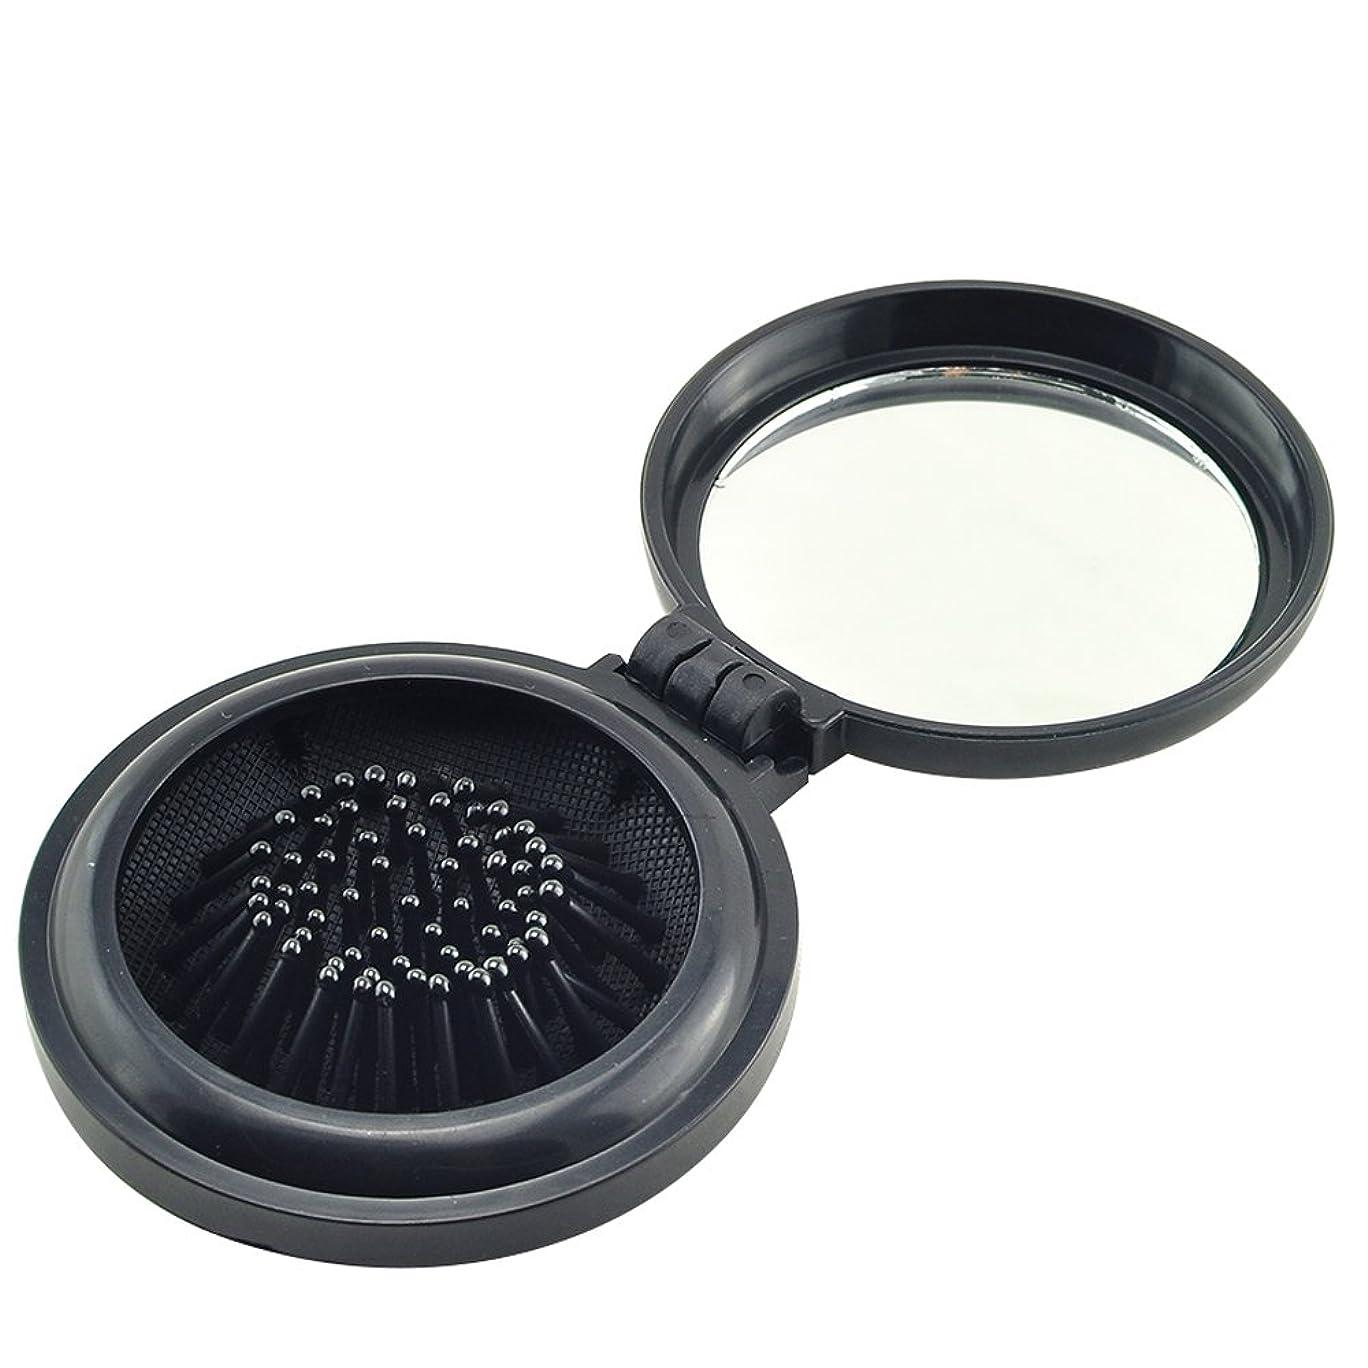 悩みアニメーション懐疑的ixaer 折りたたみ ヘアブラシ 鏡付き 円形 櫛 コンパクト 携帯便利 通勤 通学 旅行に最適 ブラック